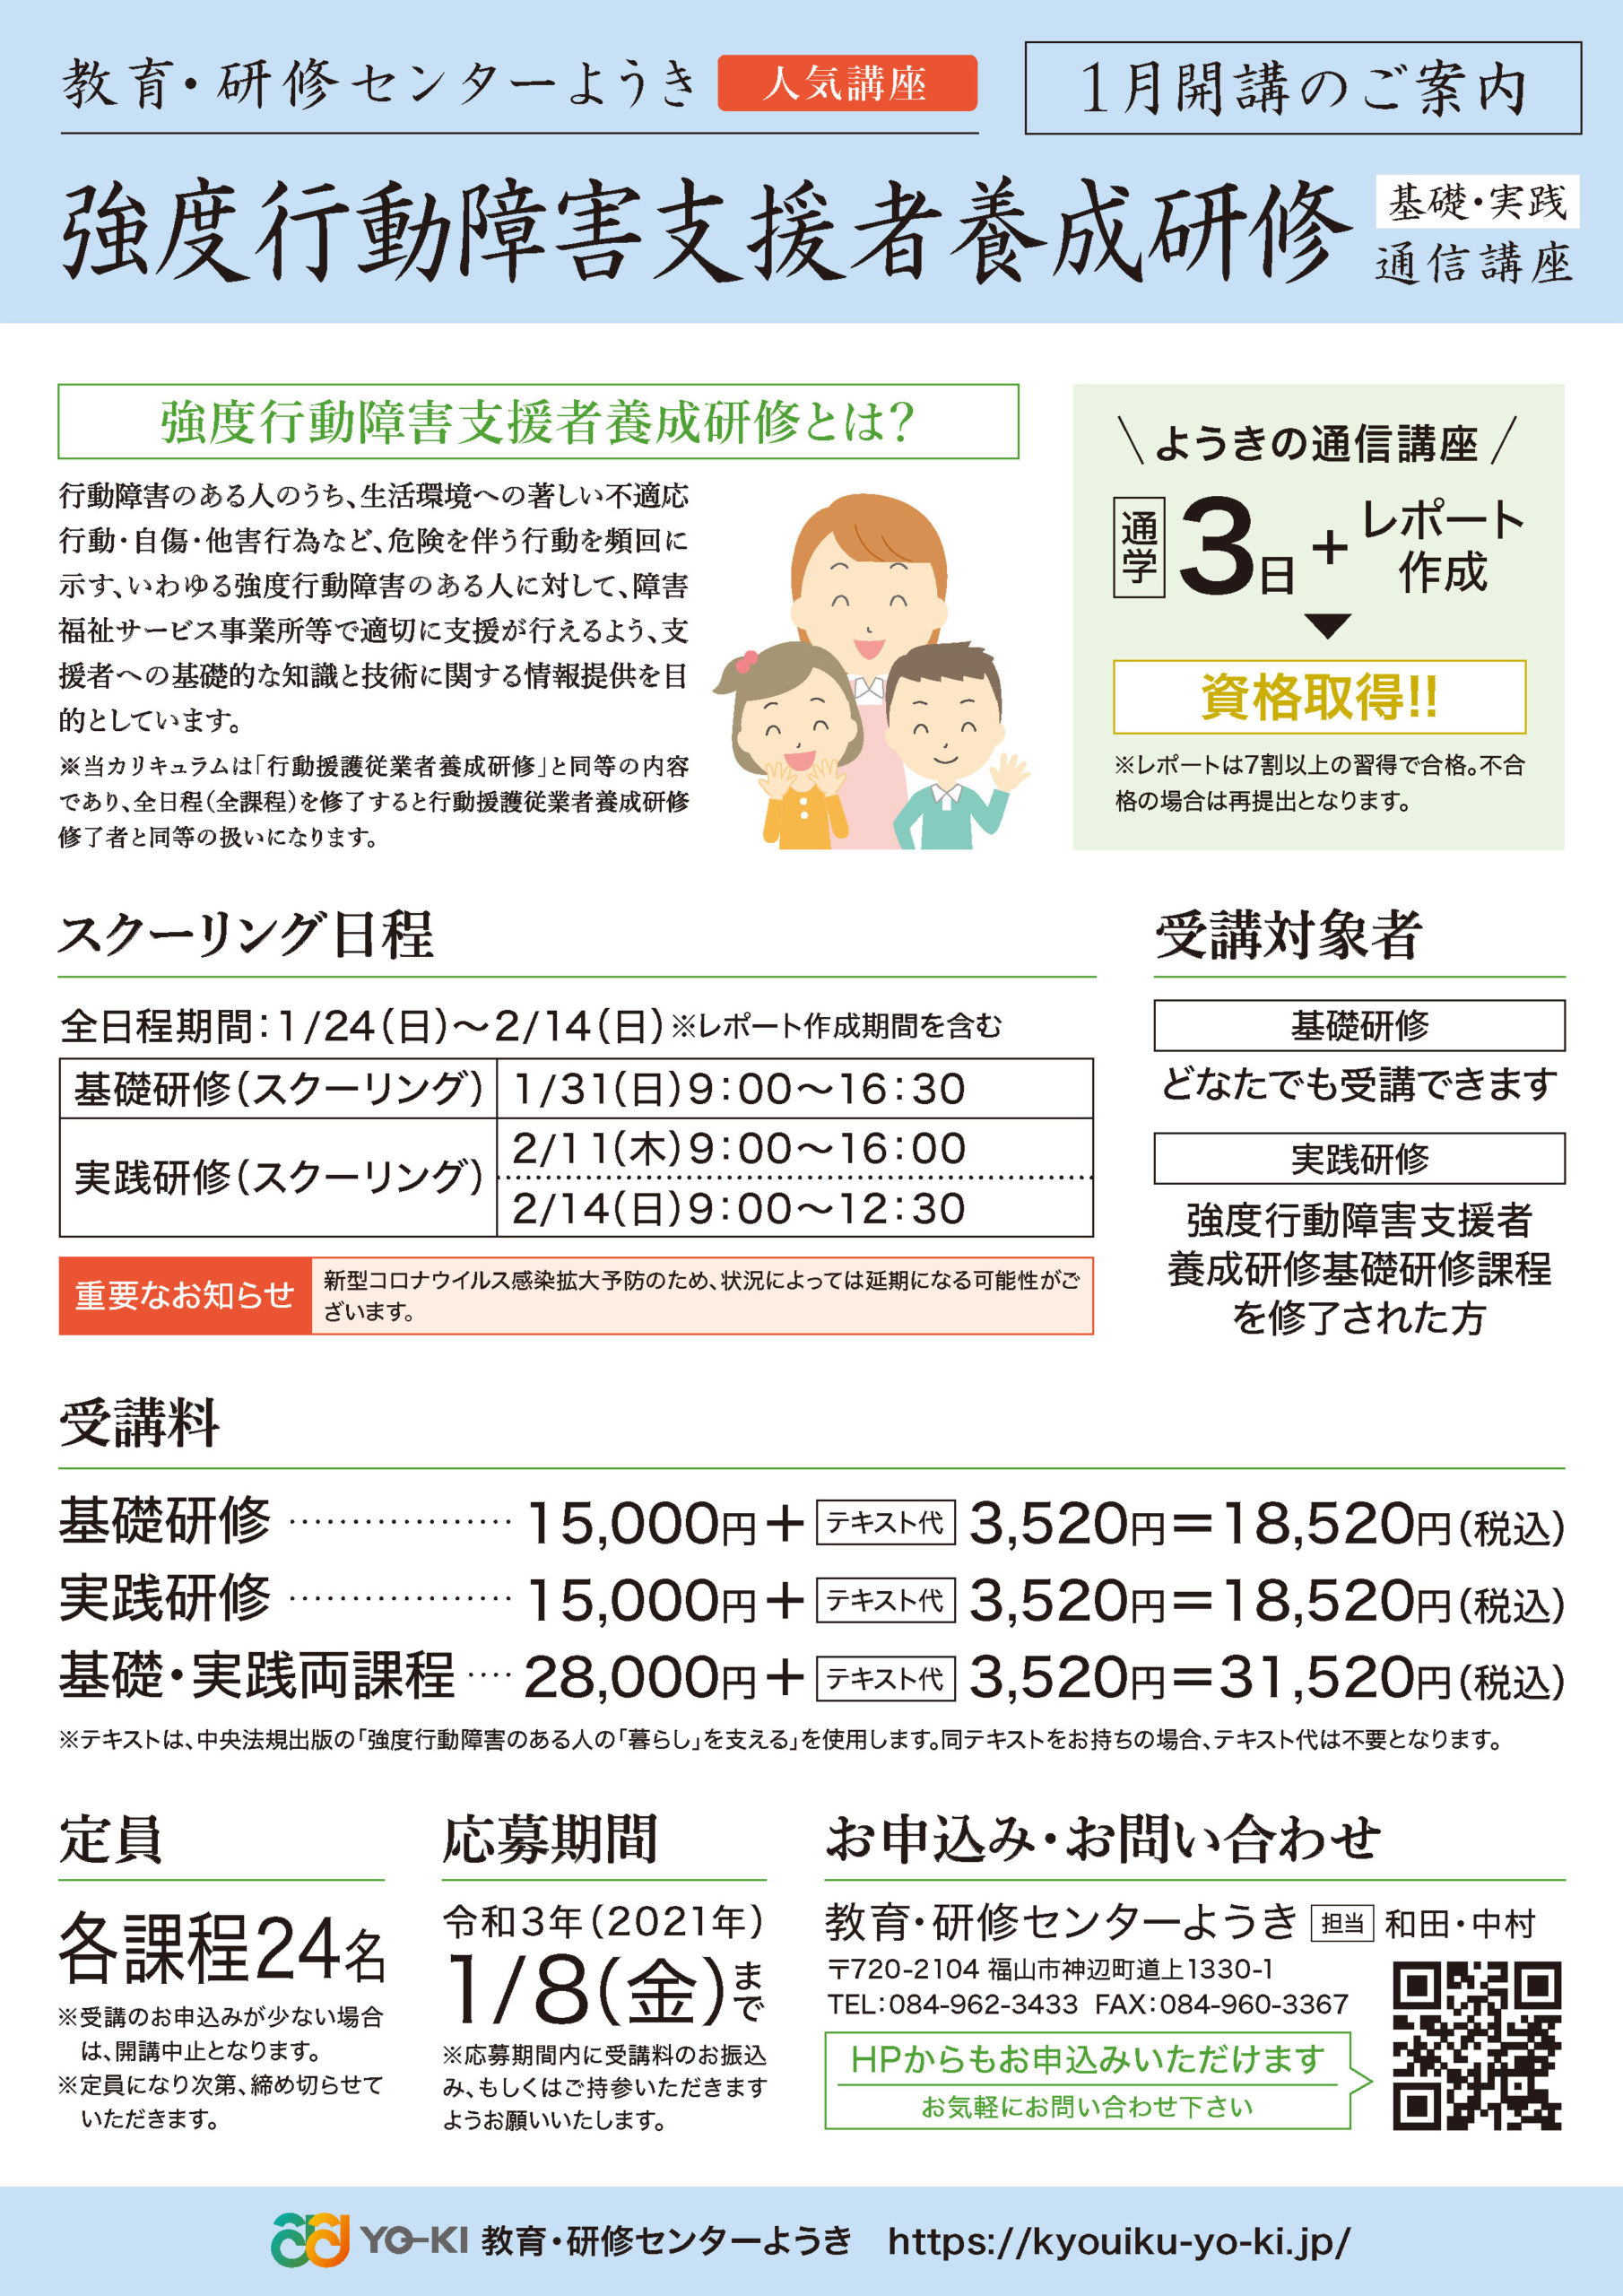 強度行動障害支援者養成研修チラシ(2021-01)改定版-オモテ